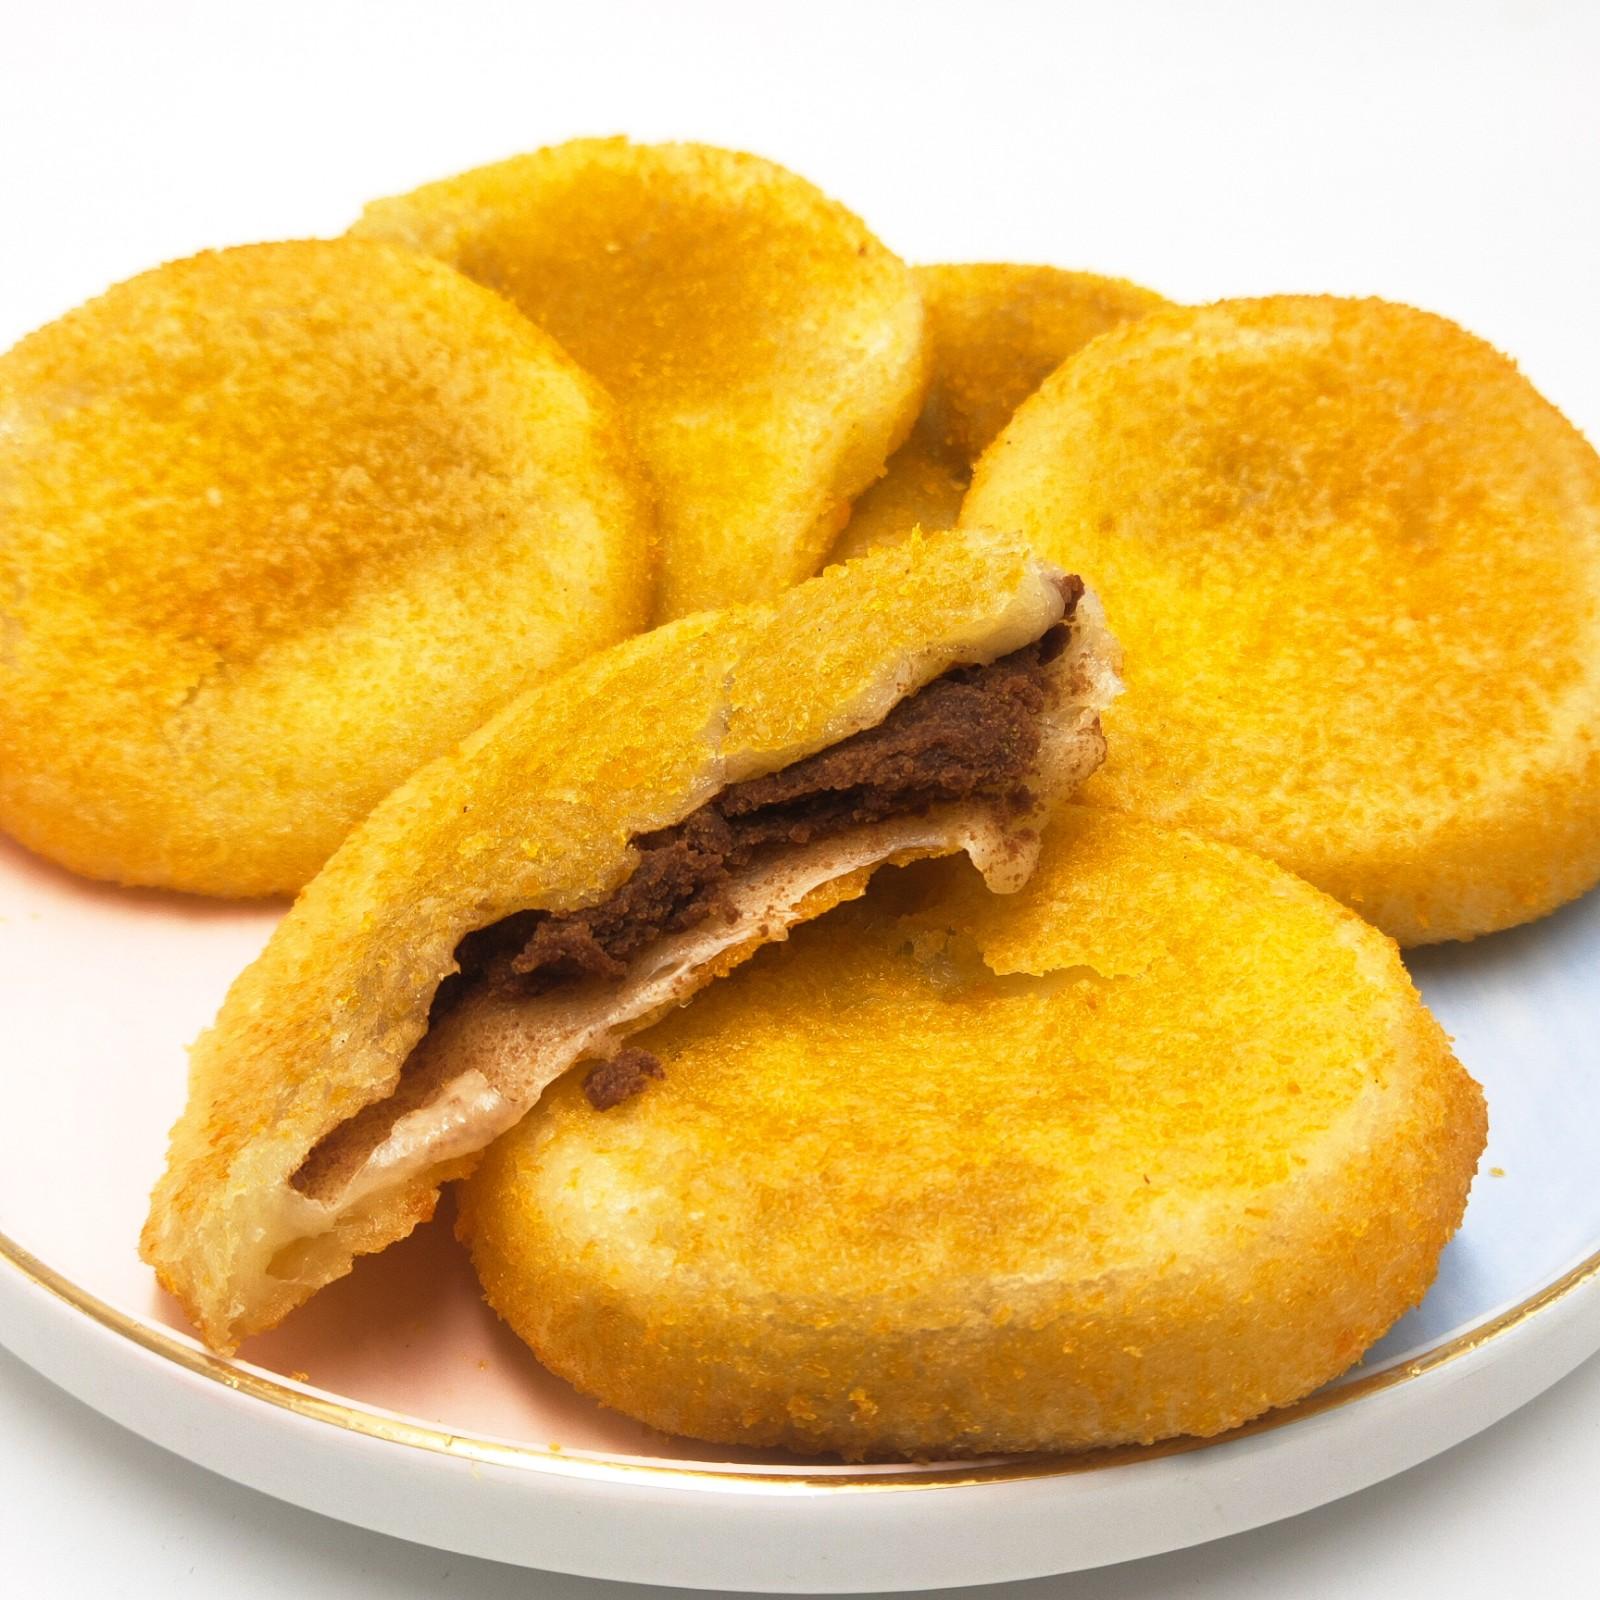 1400g20粒油炸糕 红豆馅 东北老式油炸糕点特色小吃 油炸早餐小吃